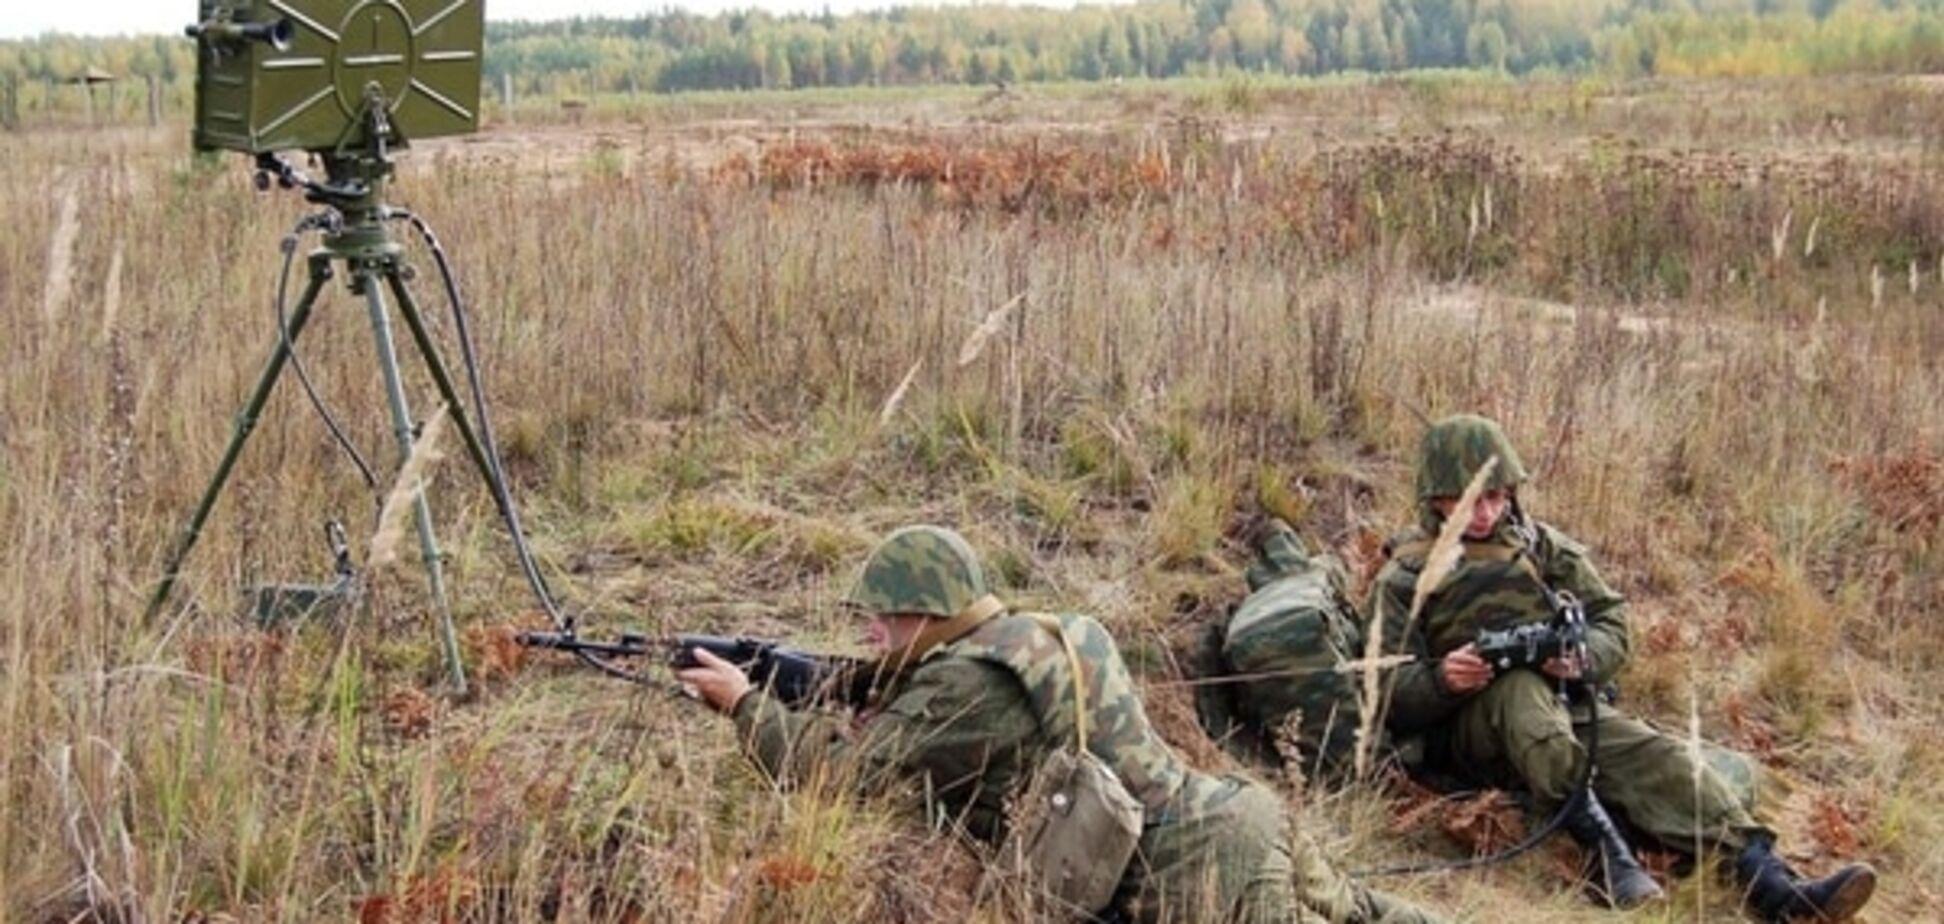 Російські військові розмістили на лінії фронту комплекси наземної розвідки - ІО